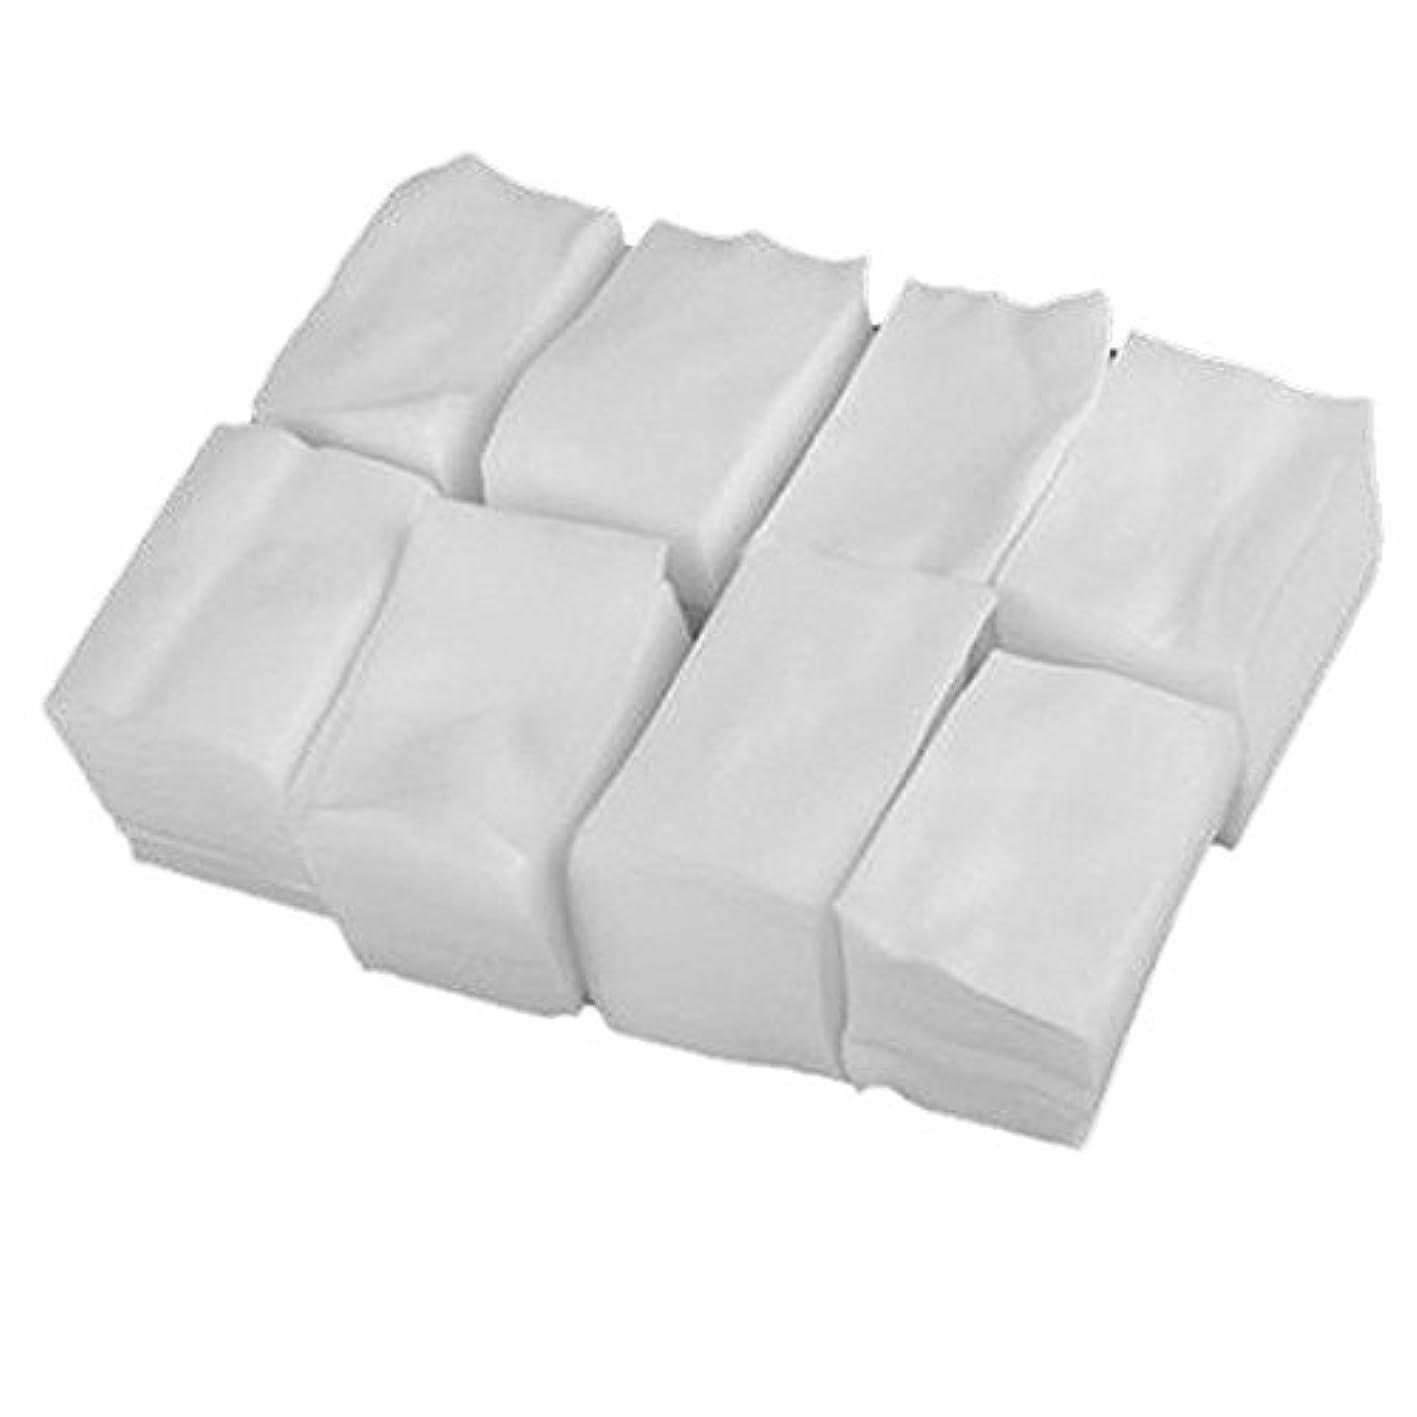 威するオンス千Vi.yo ネイル ジェル ワイプ 天然素材 不織布 コットン ジェルの拭き取り 油分除去 クリーニング 900枚以上